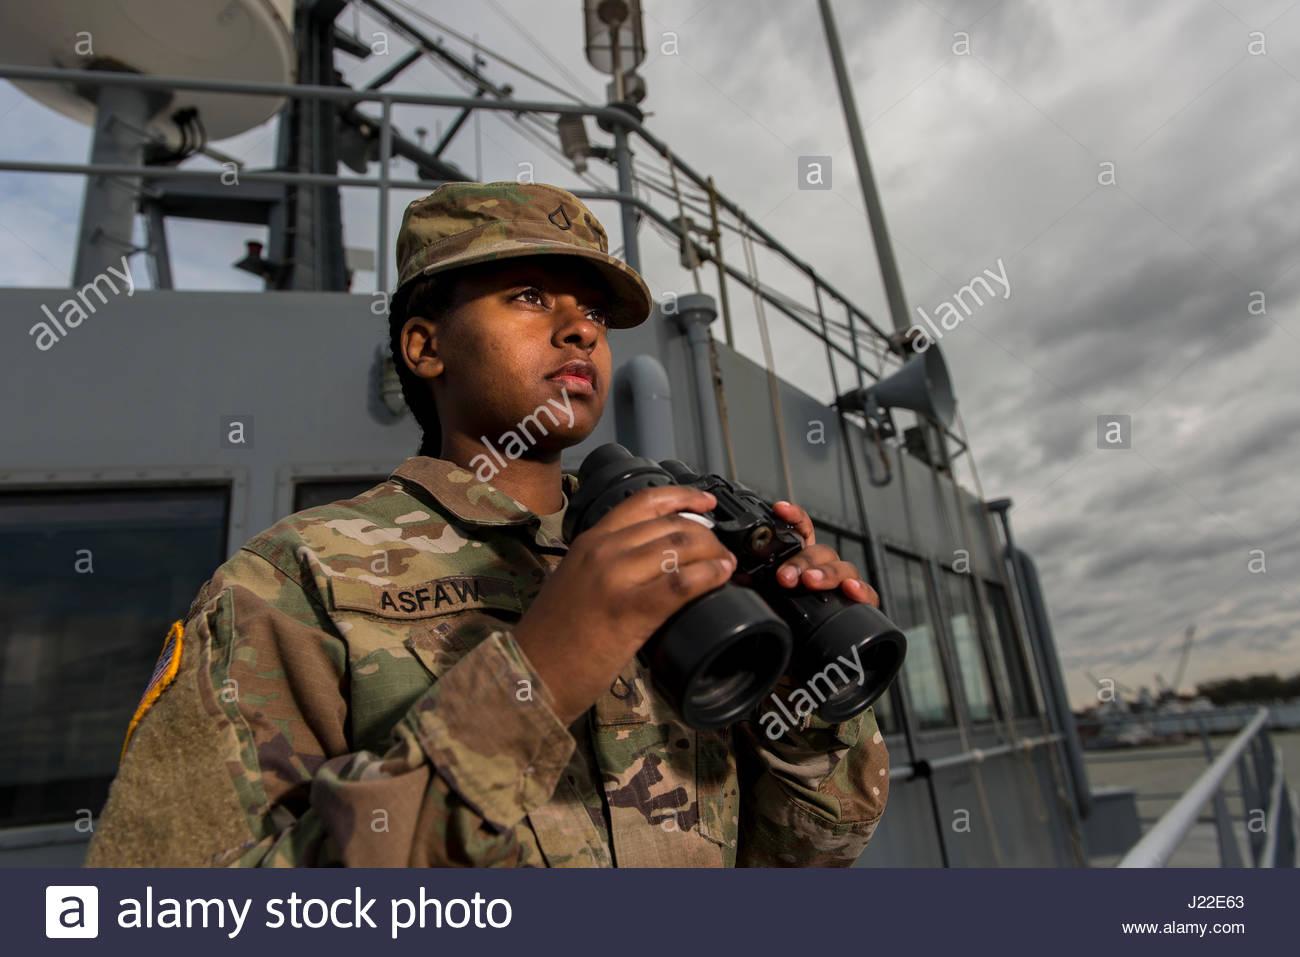 Pfc meheret asfaw ein us army reserve wasserfahrzeug betreiber